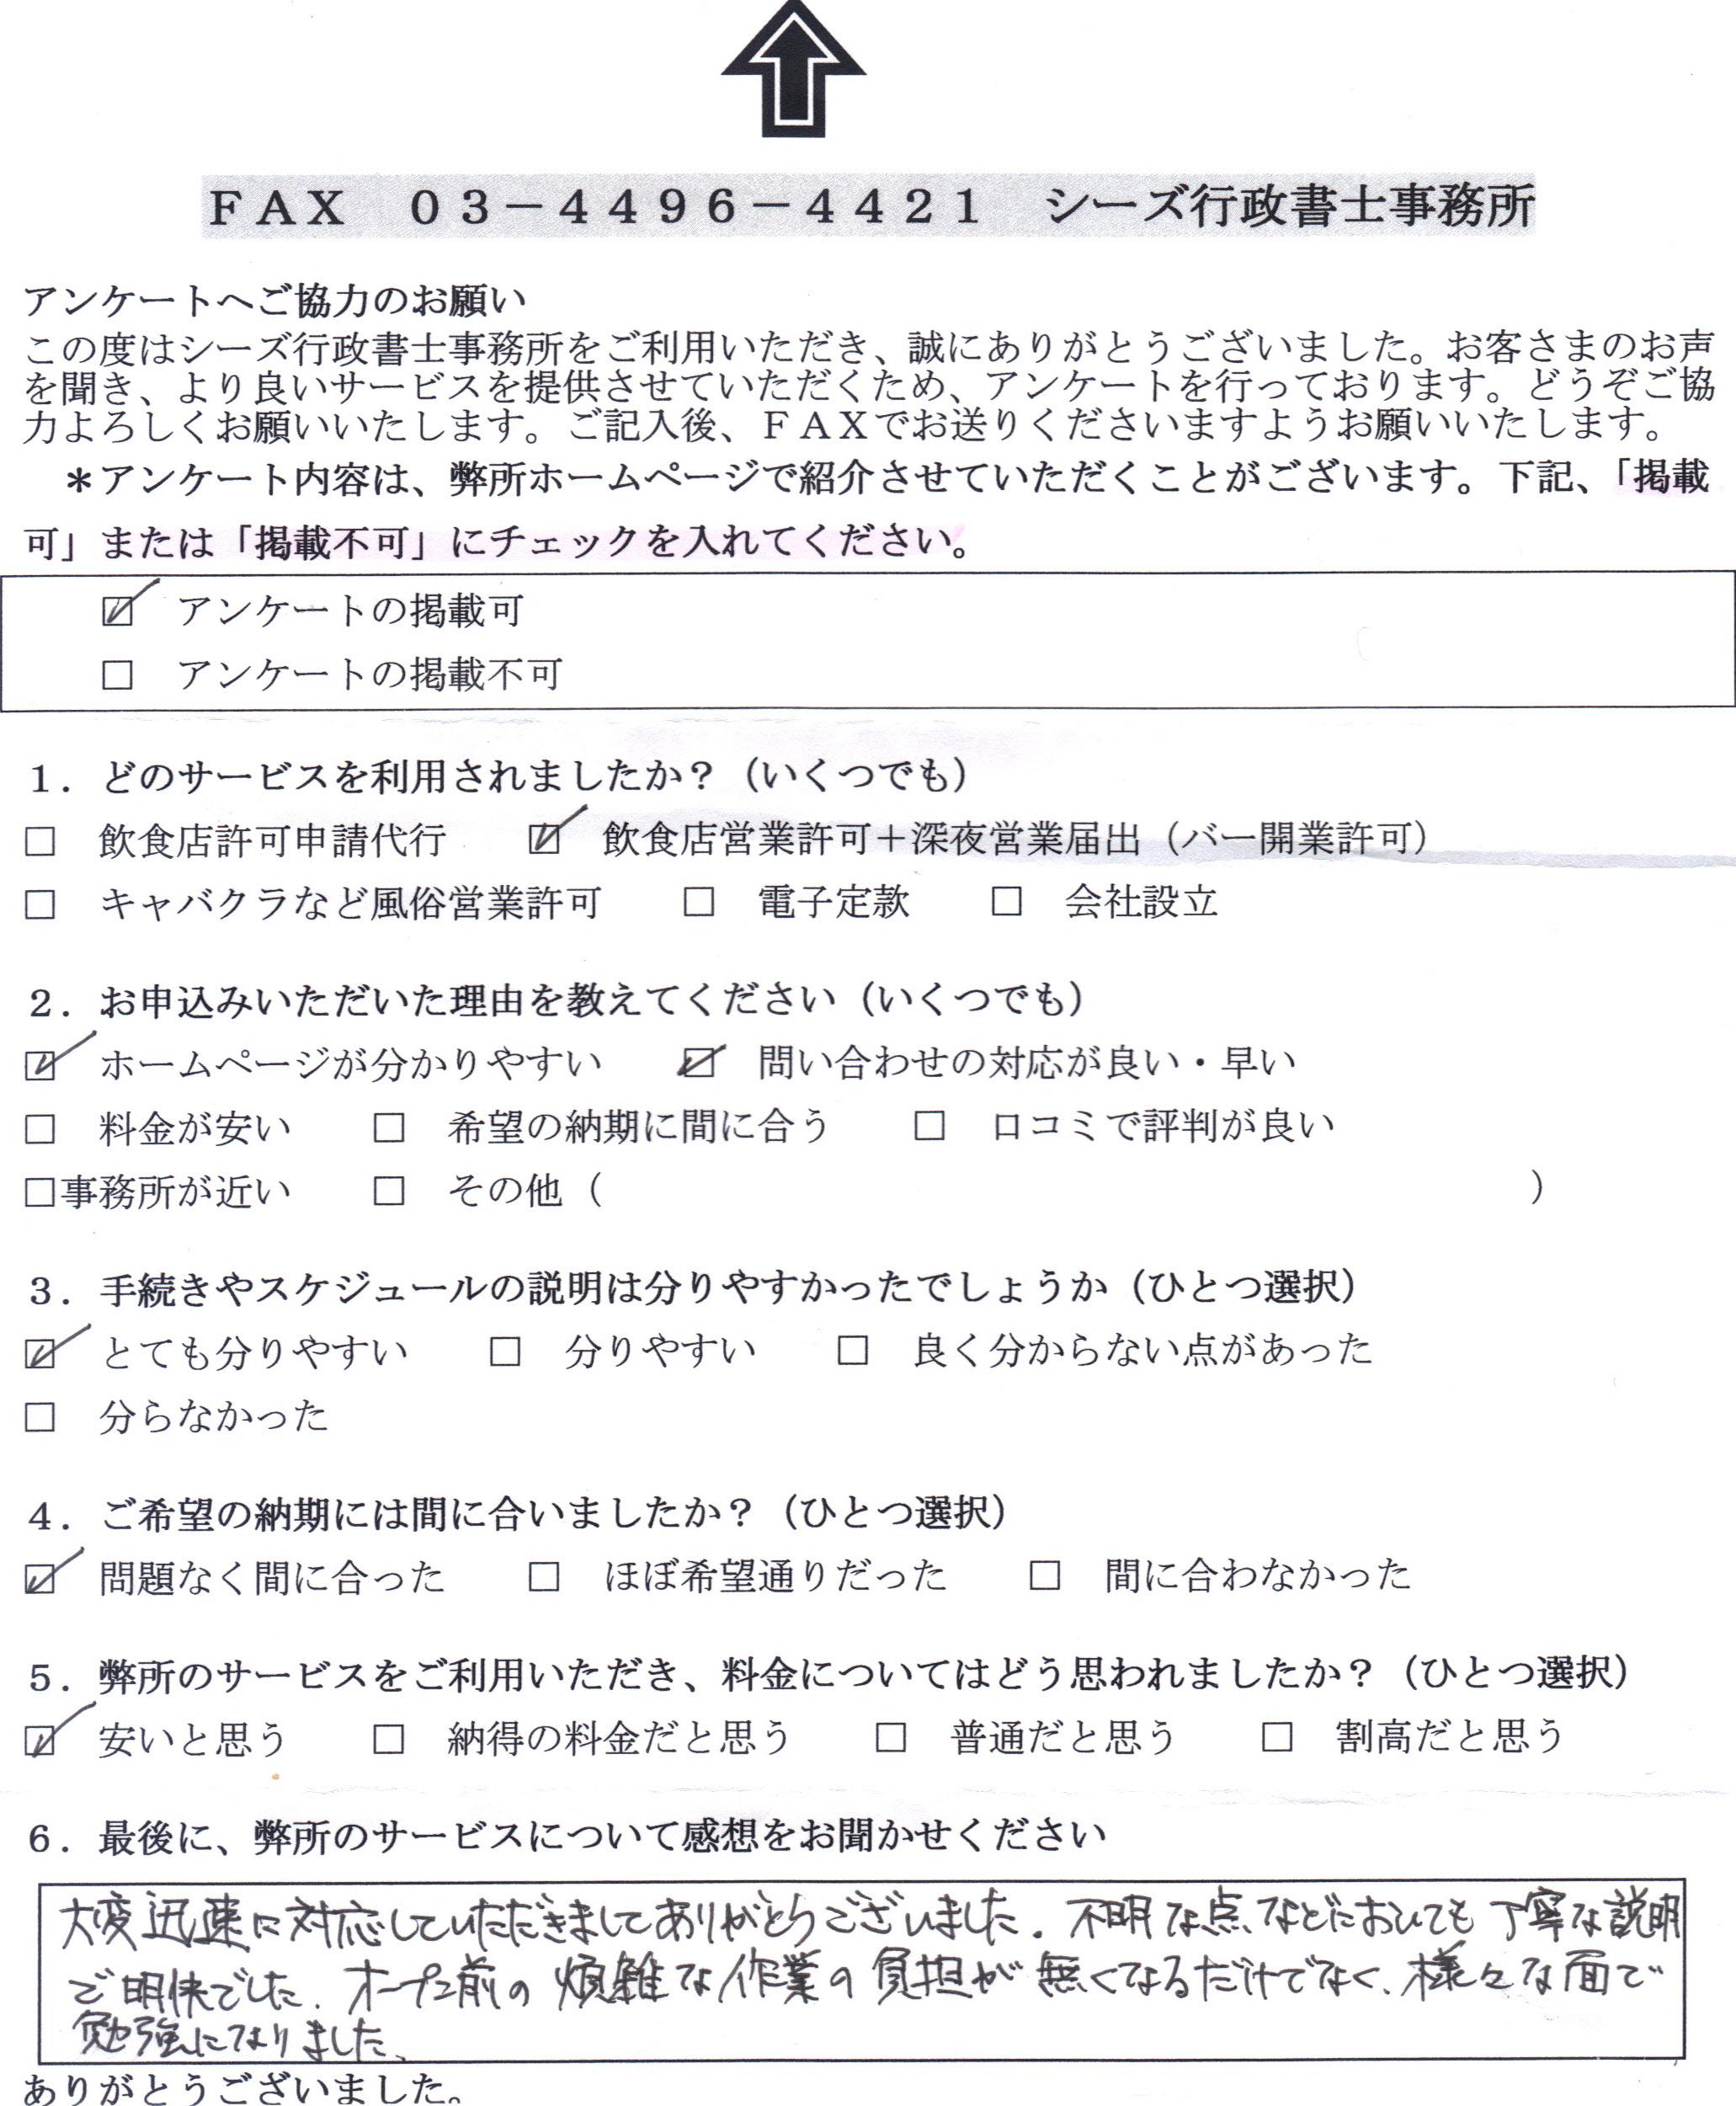 2015-03-09片渕様アンケート